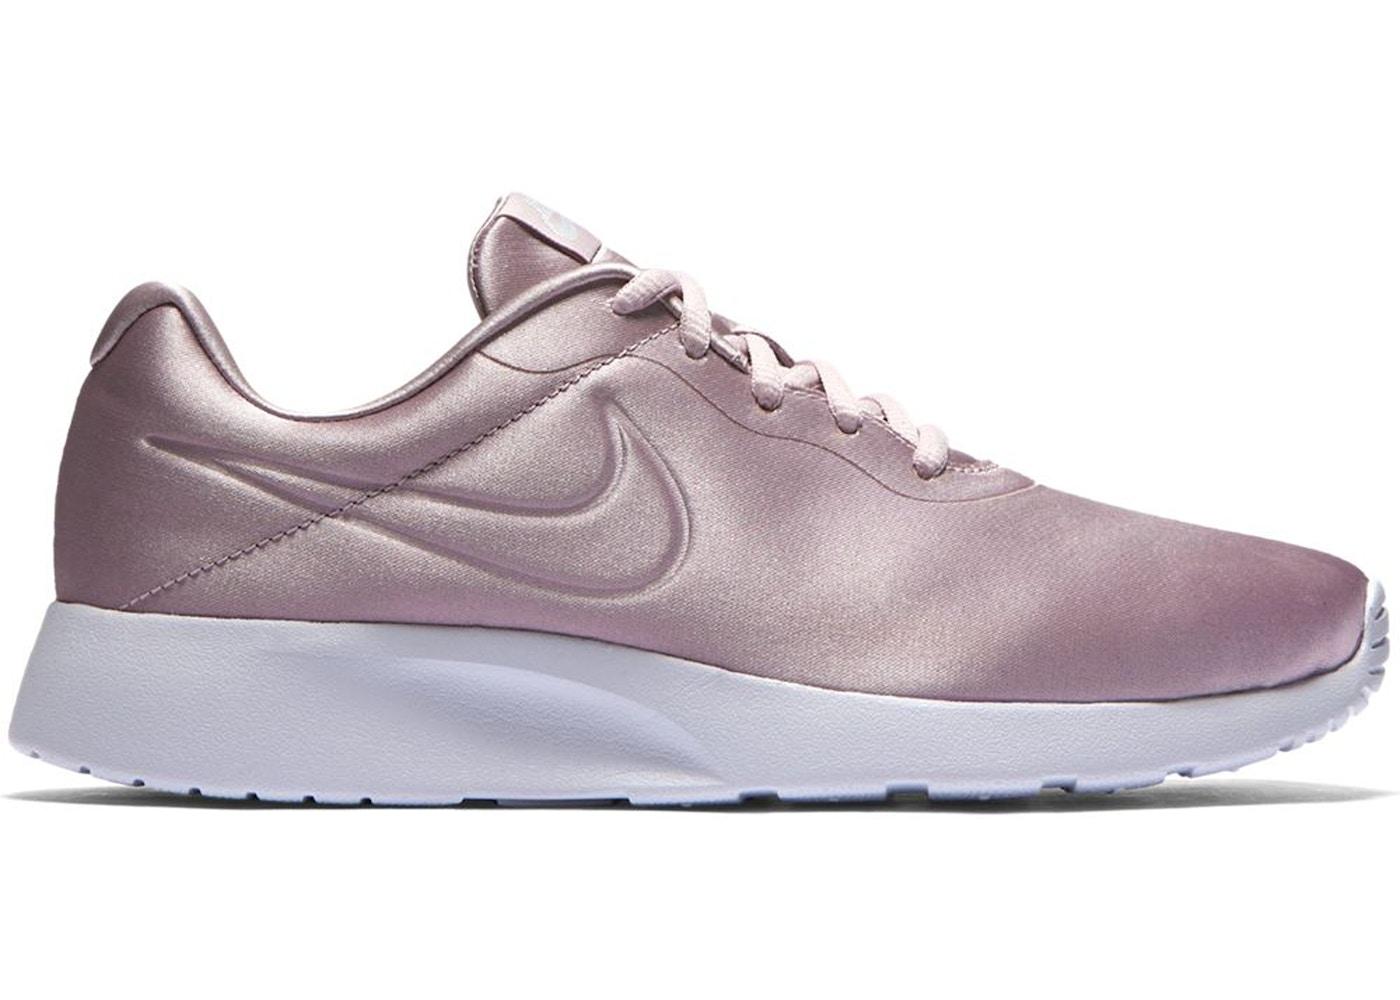 Nike Tanjun Premium Particle Rose Satin (W)